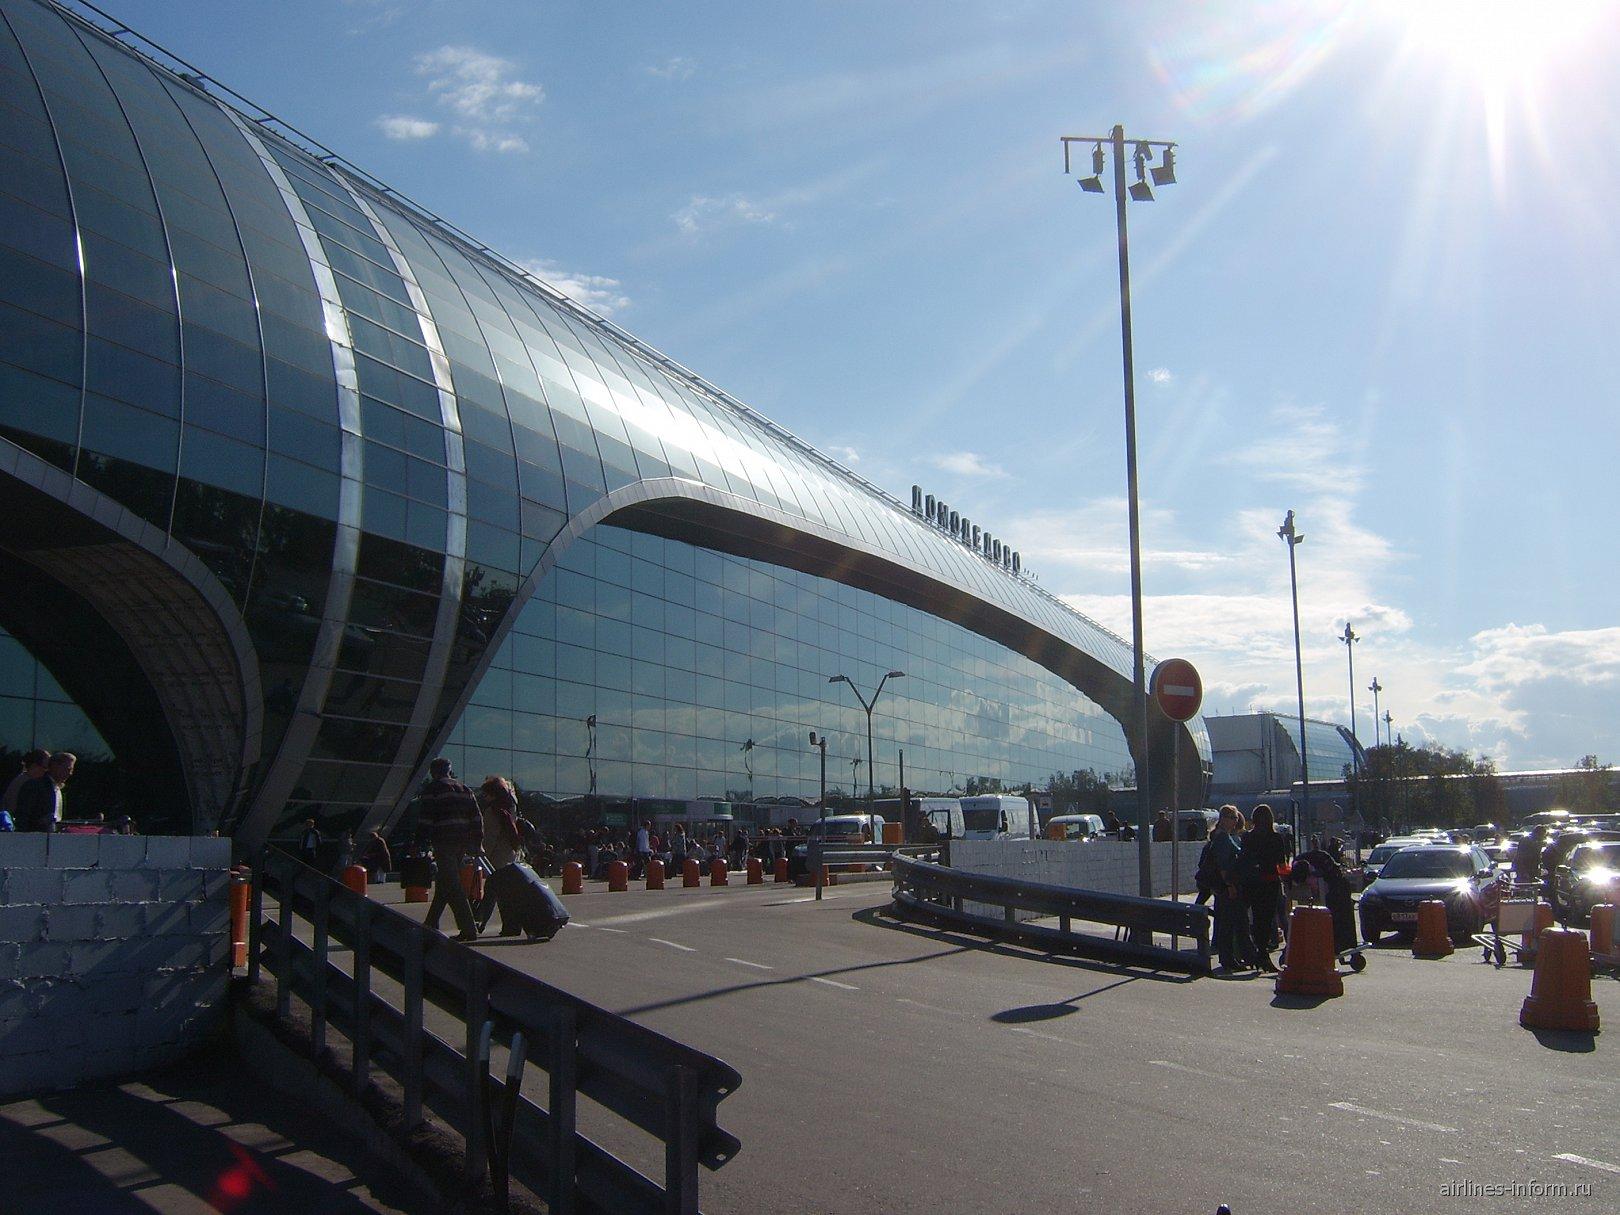 Аэропорт Москва Домодедово